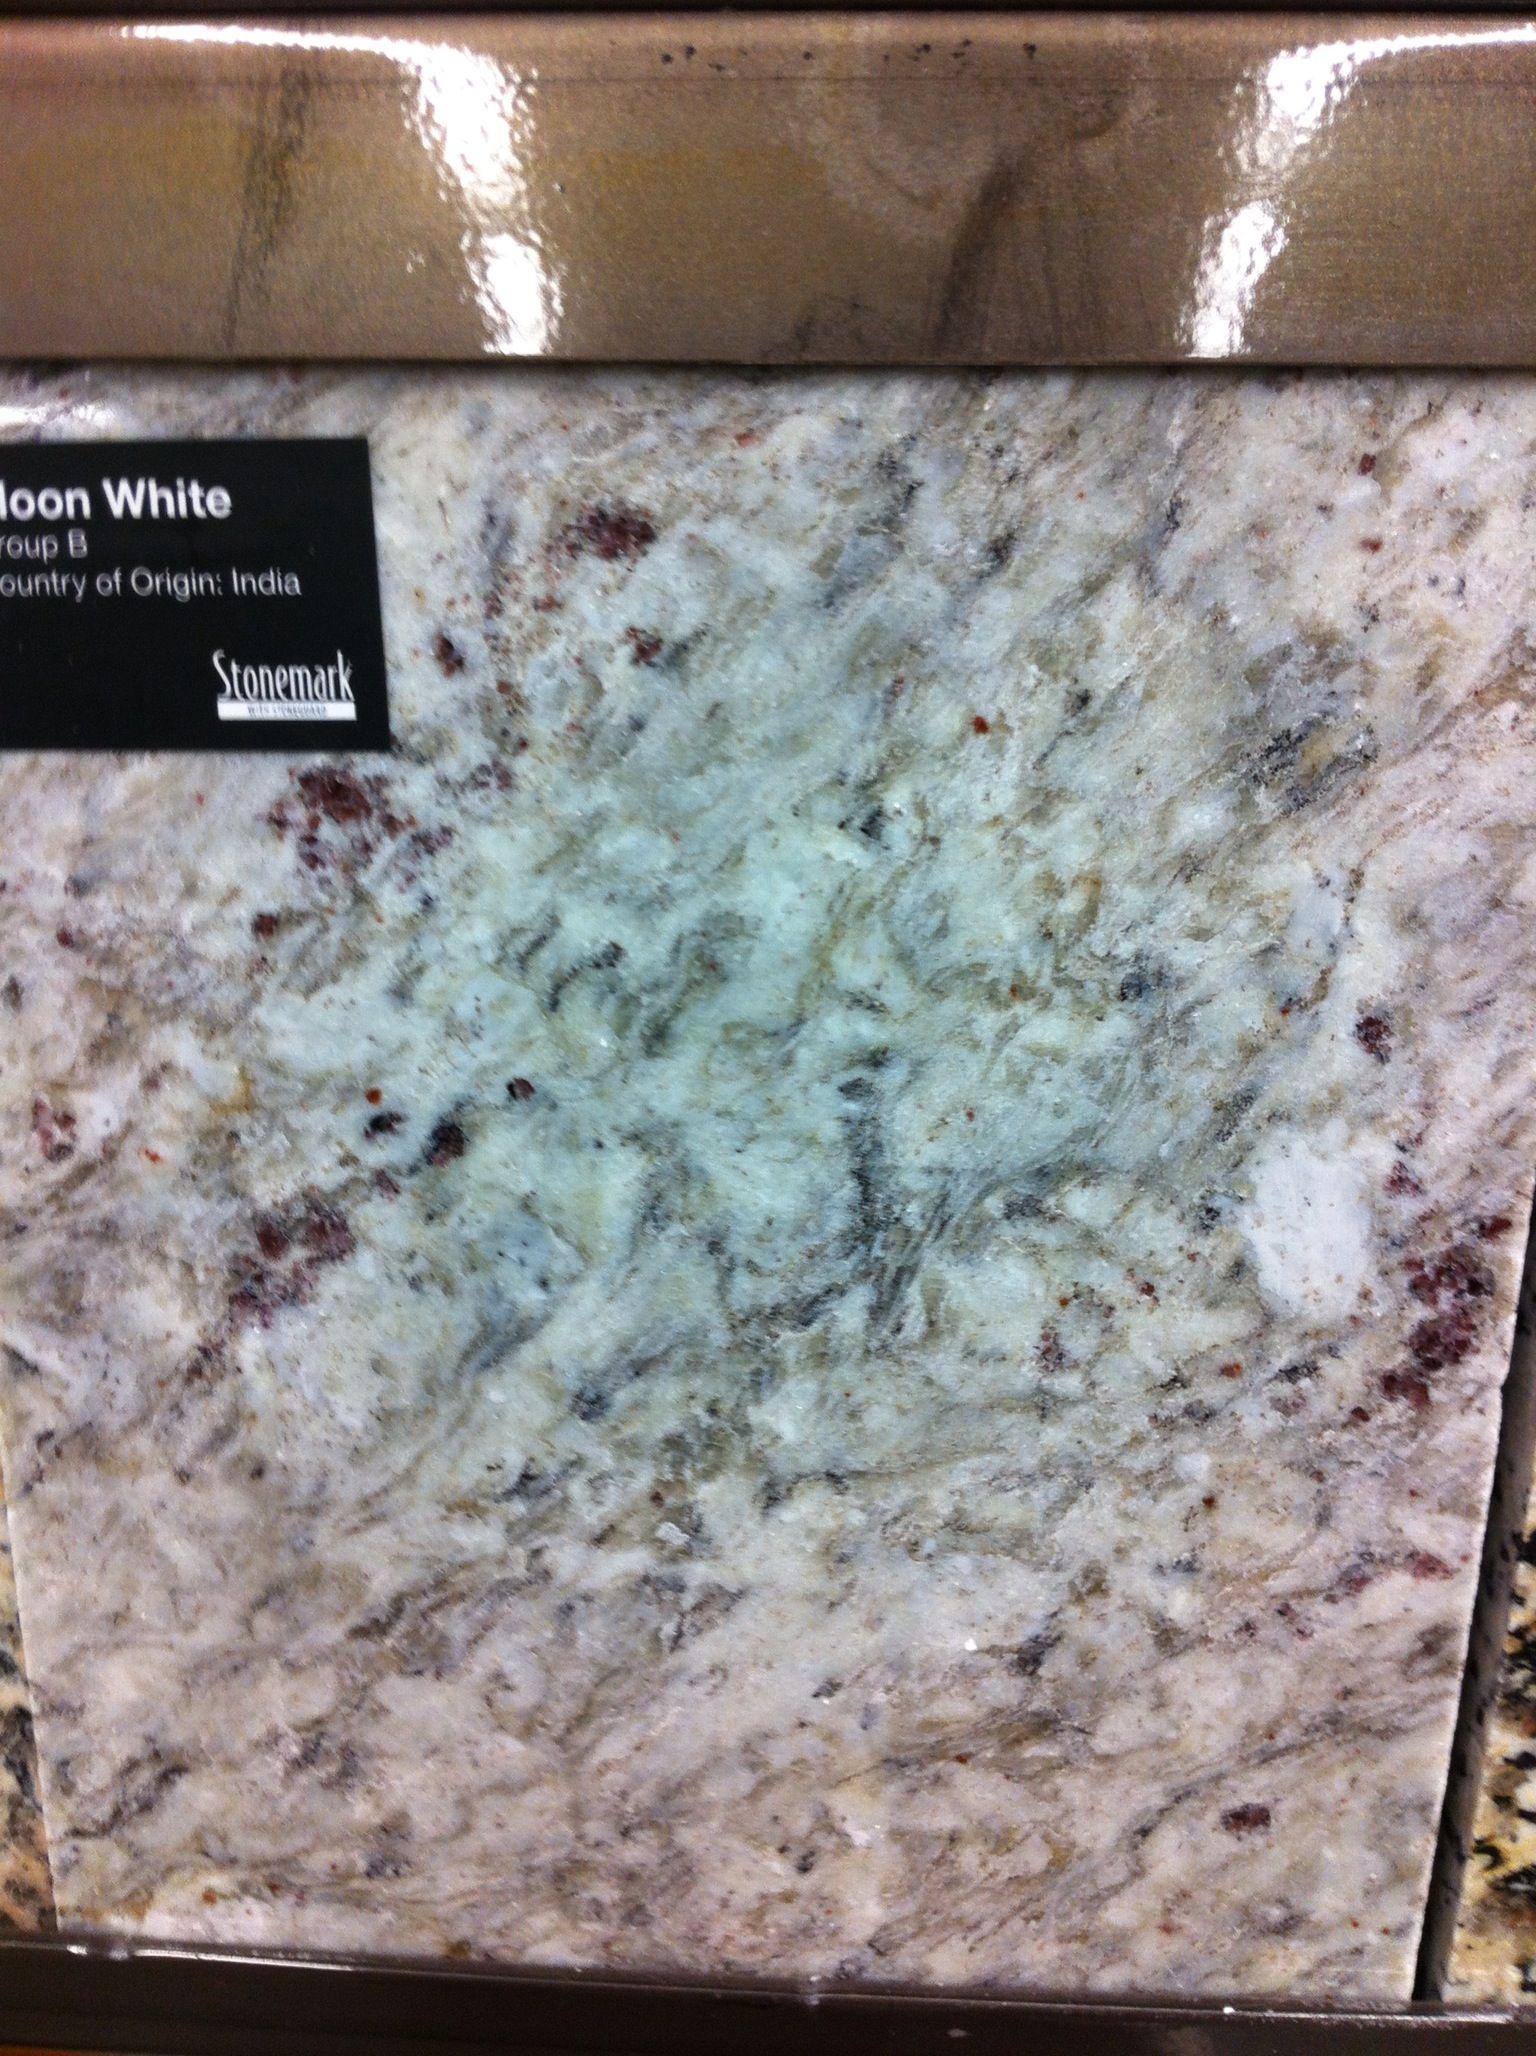 Granite white moon Home Depot group b Kitchen